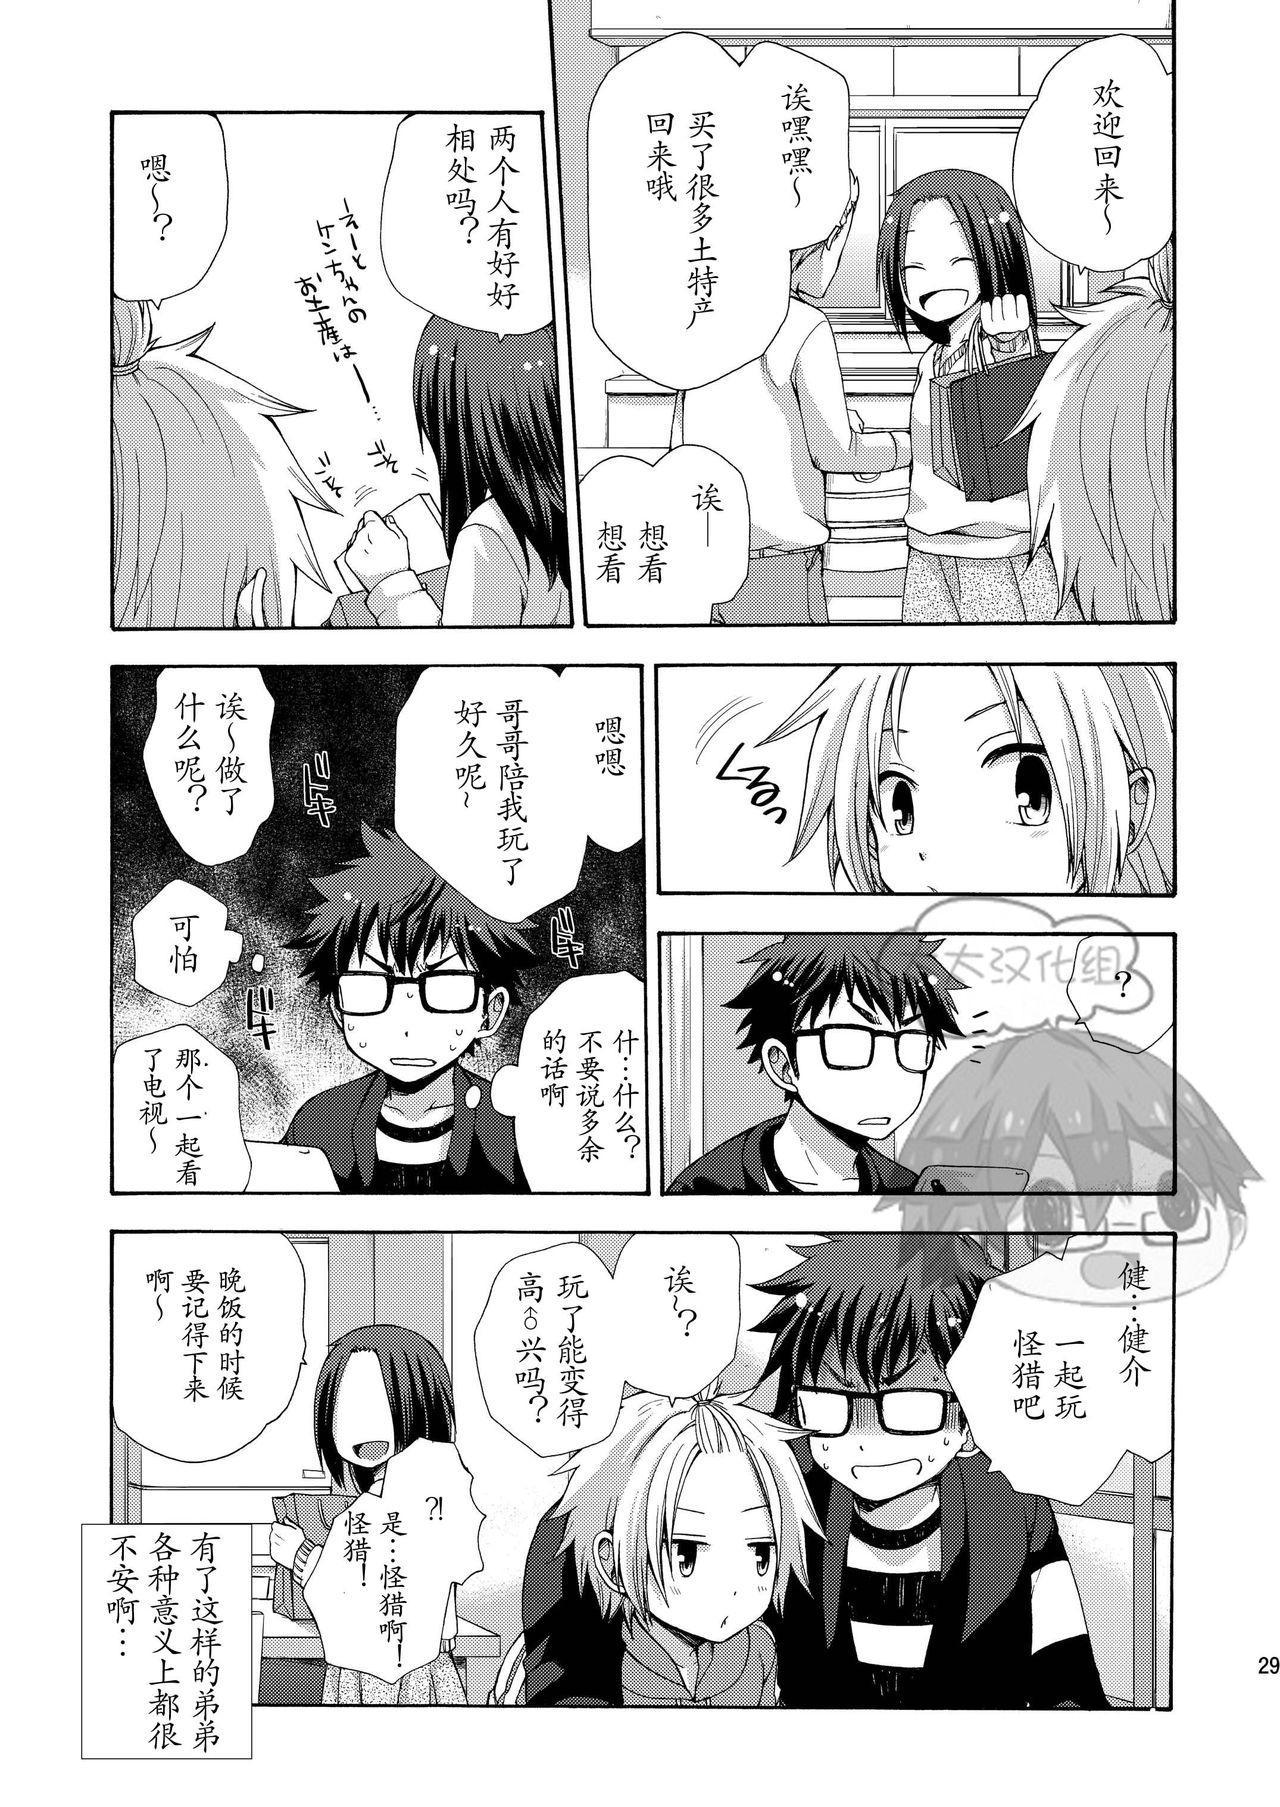 Otouto ga Dekimashita 28